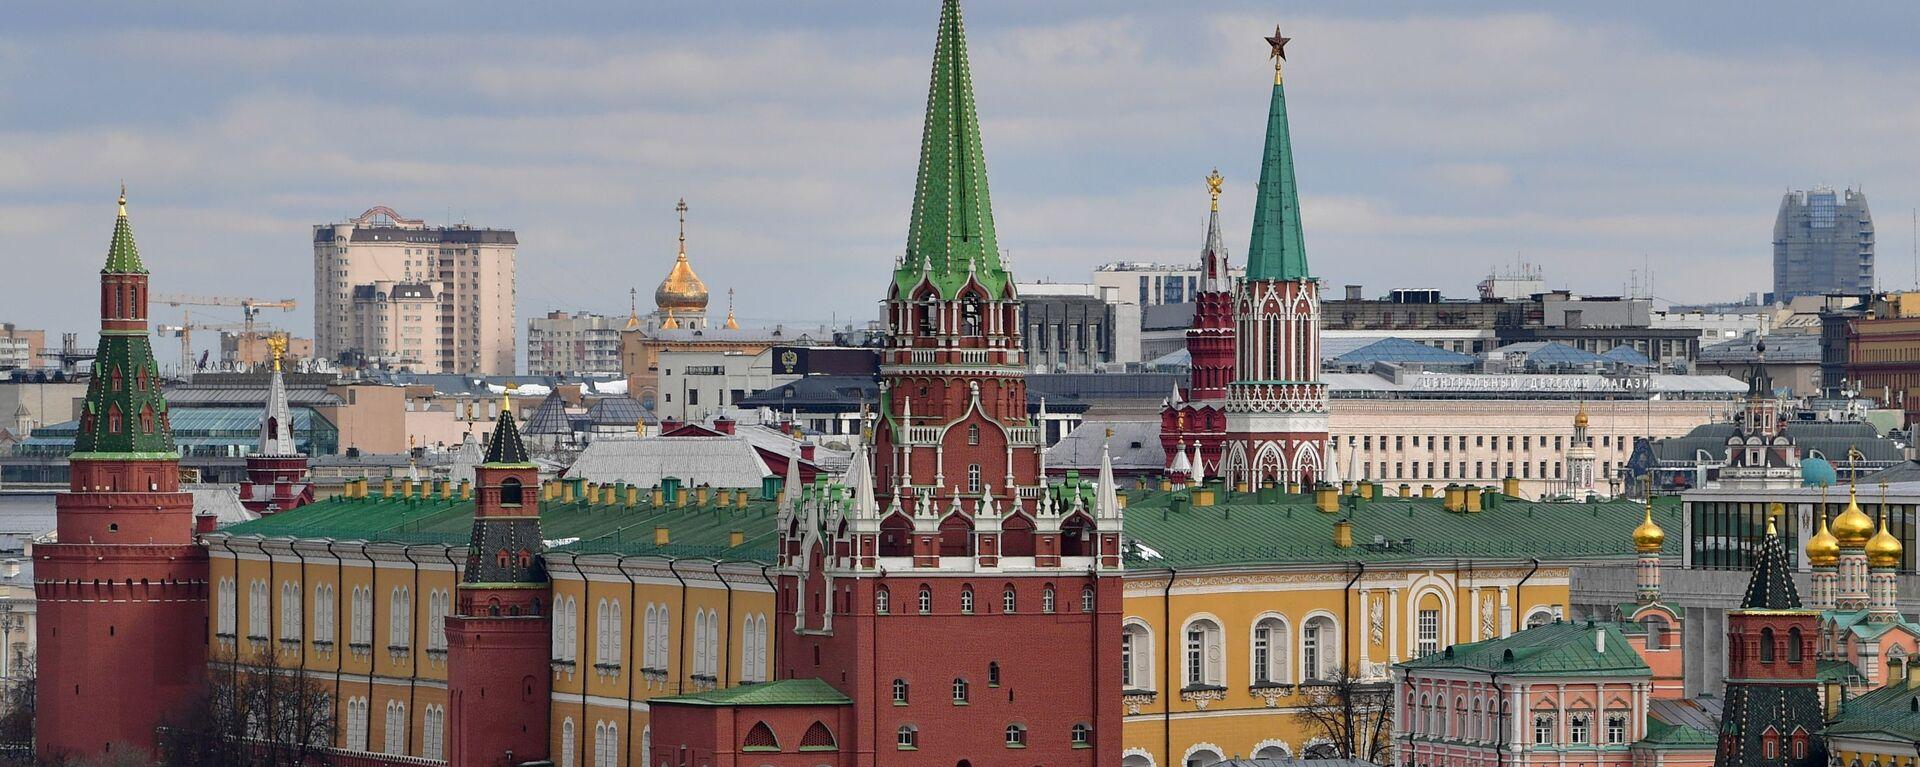 Pohled na Kreml v Moskvě - Sputnik Česká republika, 1920, 29.04.2021